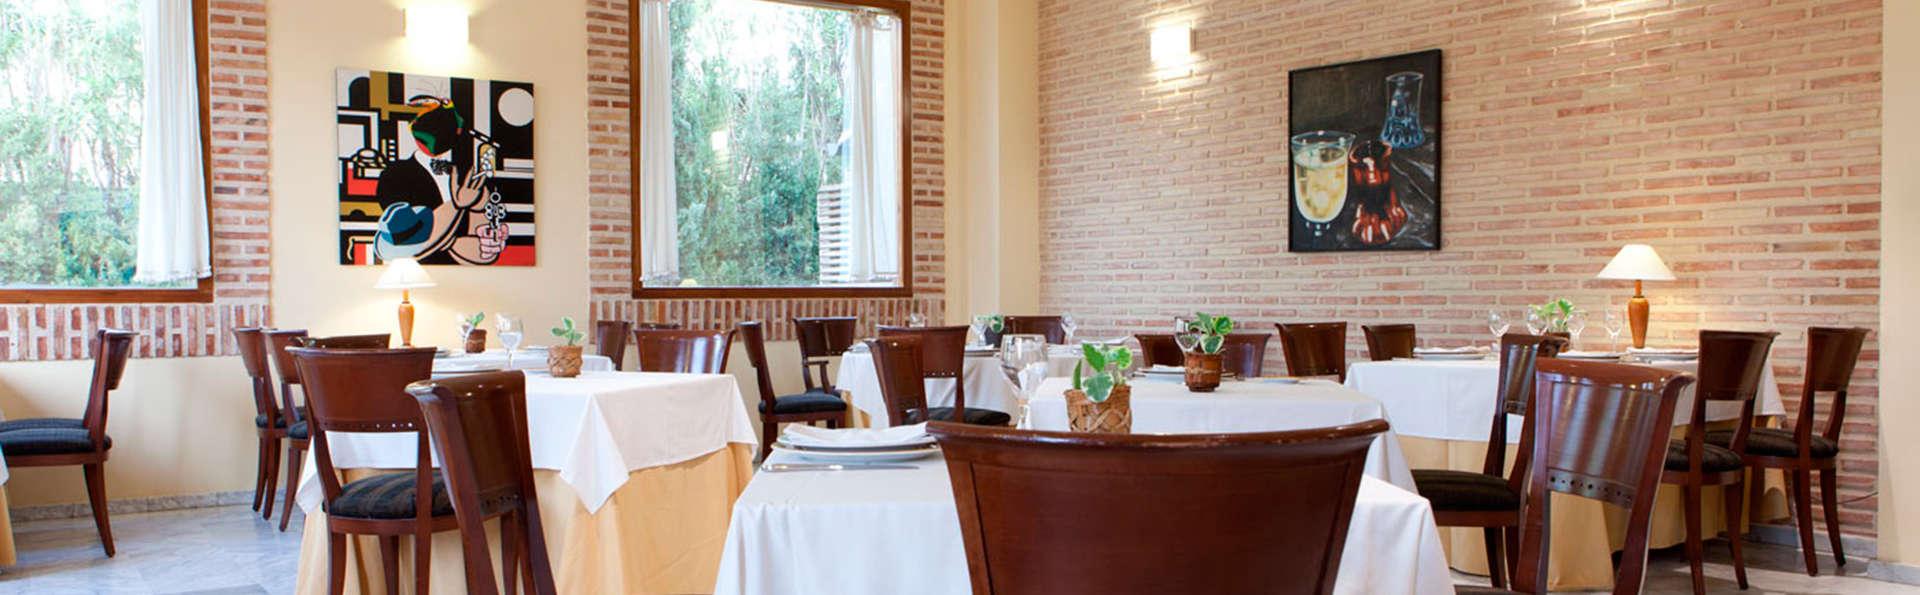 Offre spéciale : week-end avec dîner bio près de Valence